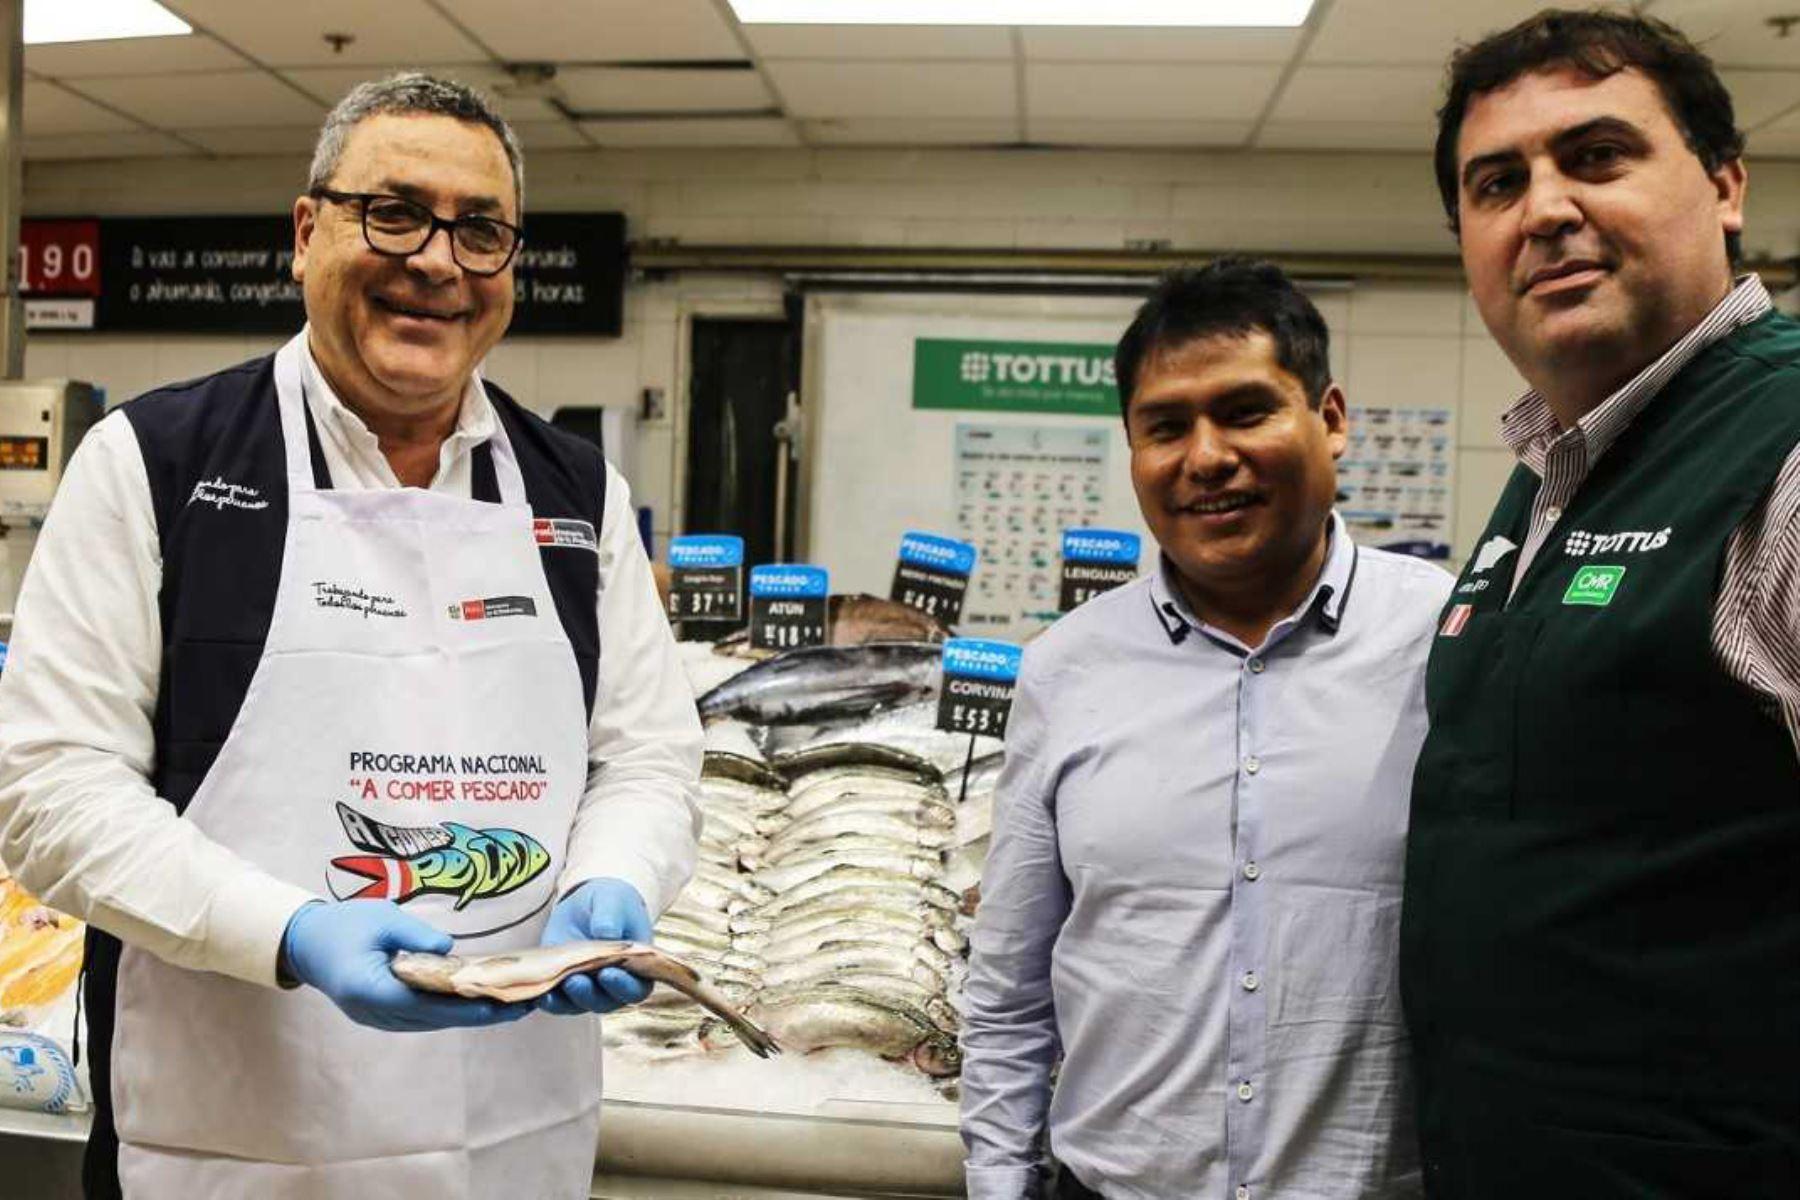 Acuicultores artesanales de Laguna Lagunillas, en la provincia de Lampa, región Puno, lograron vender sin intermediarios en menos de cinco meses, 10 toneladas de truchas arcoíris frescas a la cadena de supermercados Tottus, lo que les ha permitido obtener ingresos por más de 135,000 soles.